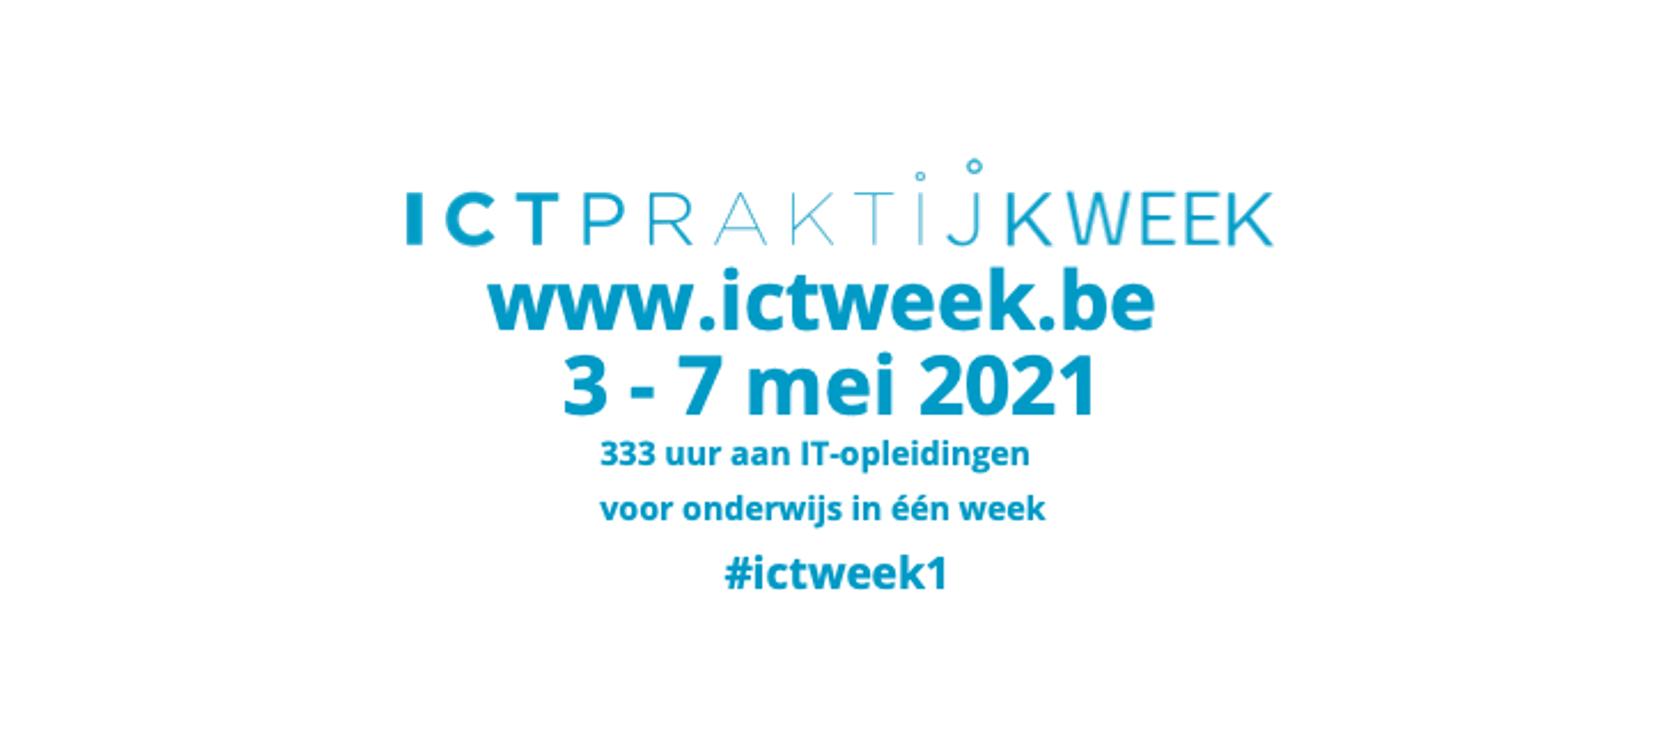 ICT-praktijkweek